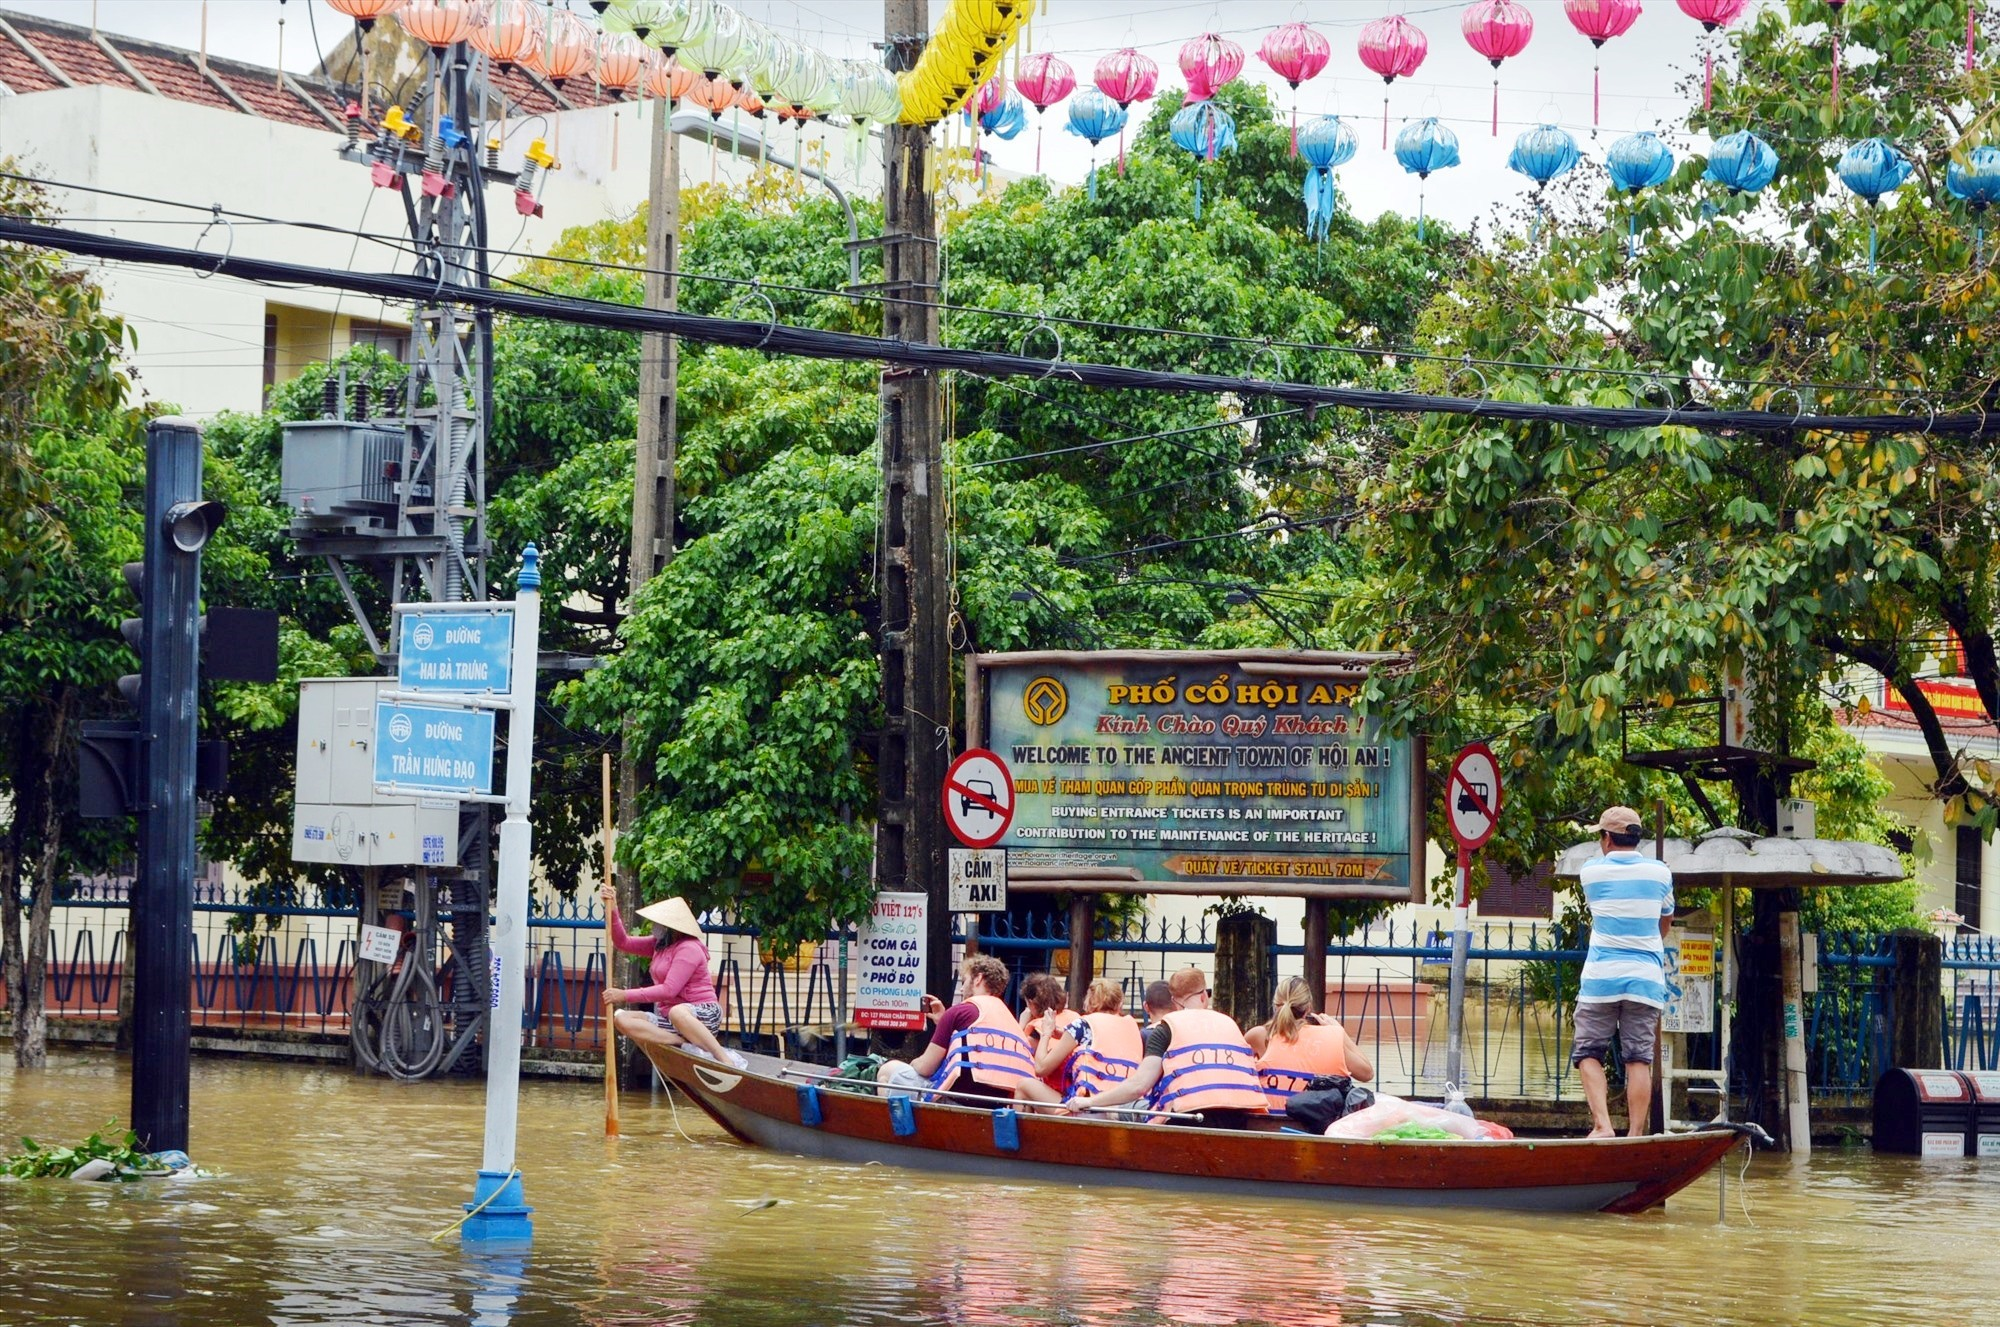 Du khách tham quan Hội An bằng thuyền.